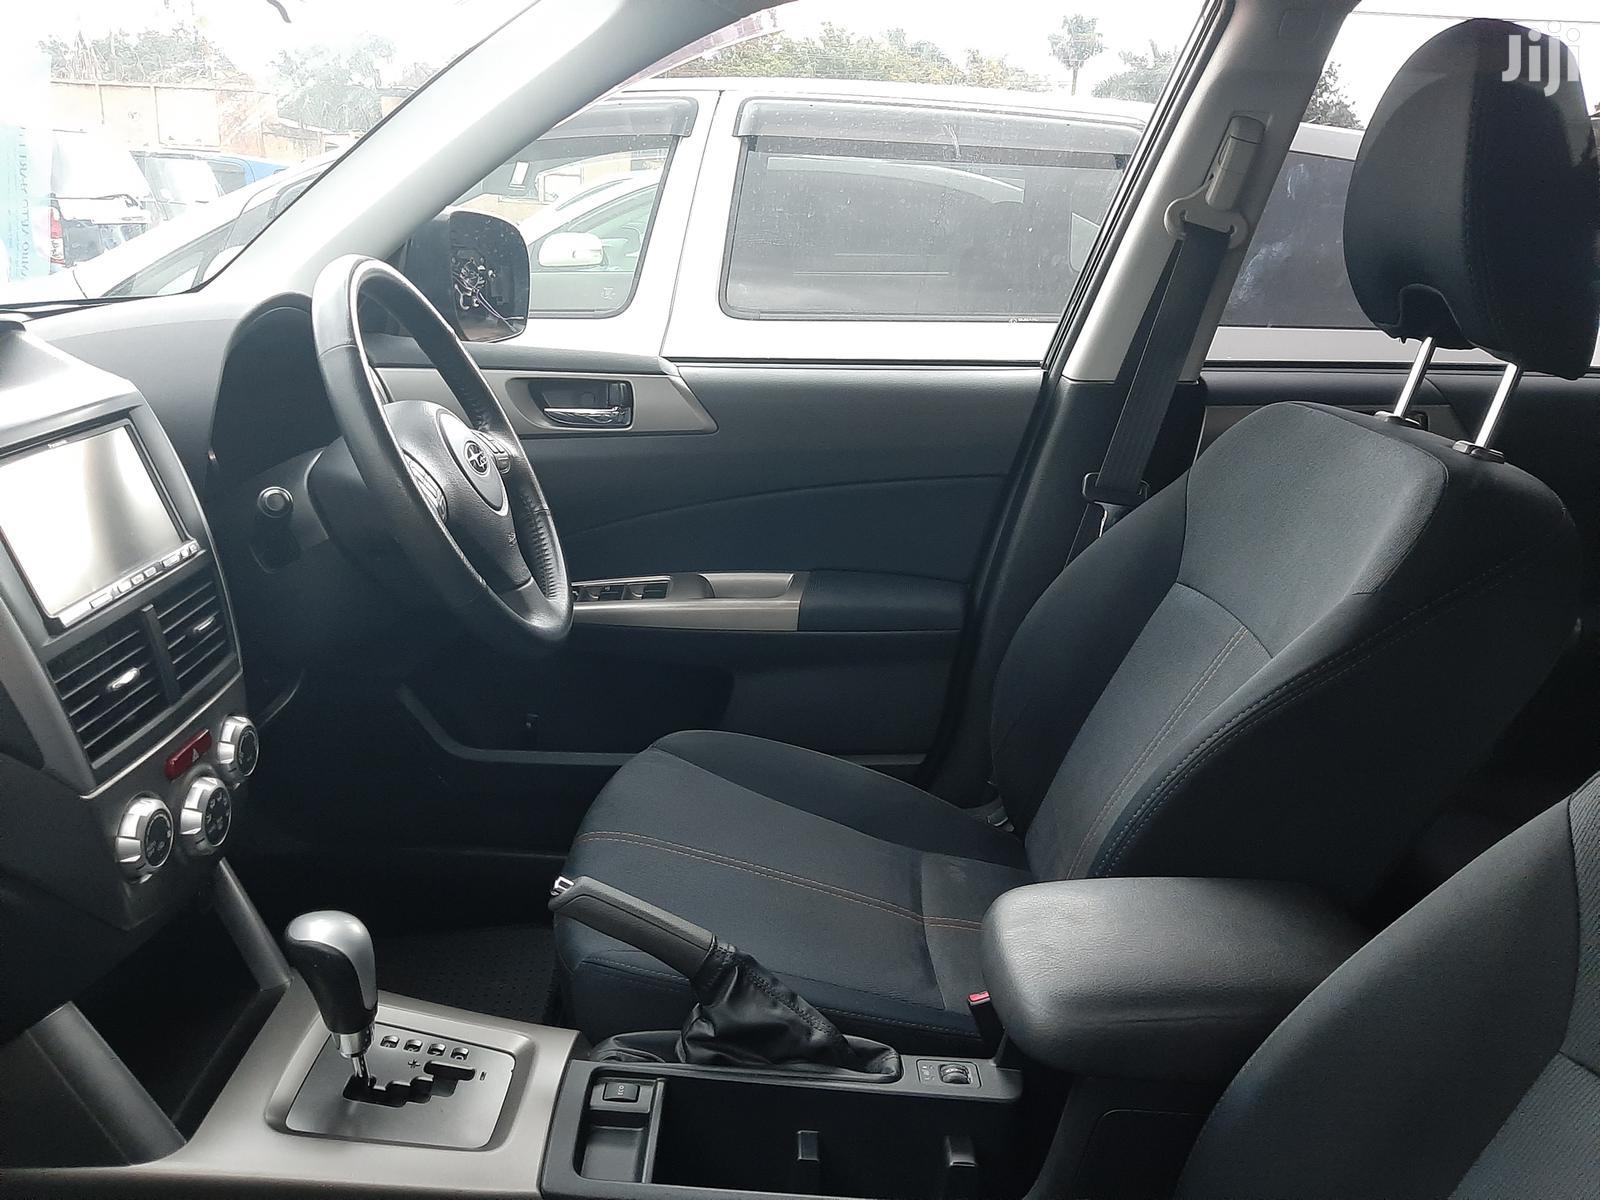 Archive: Subaru Forester 2010 Black